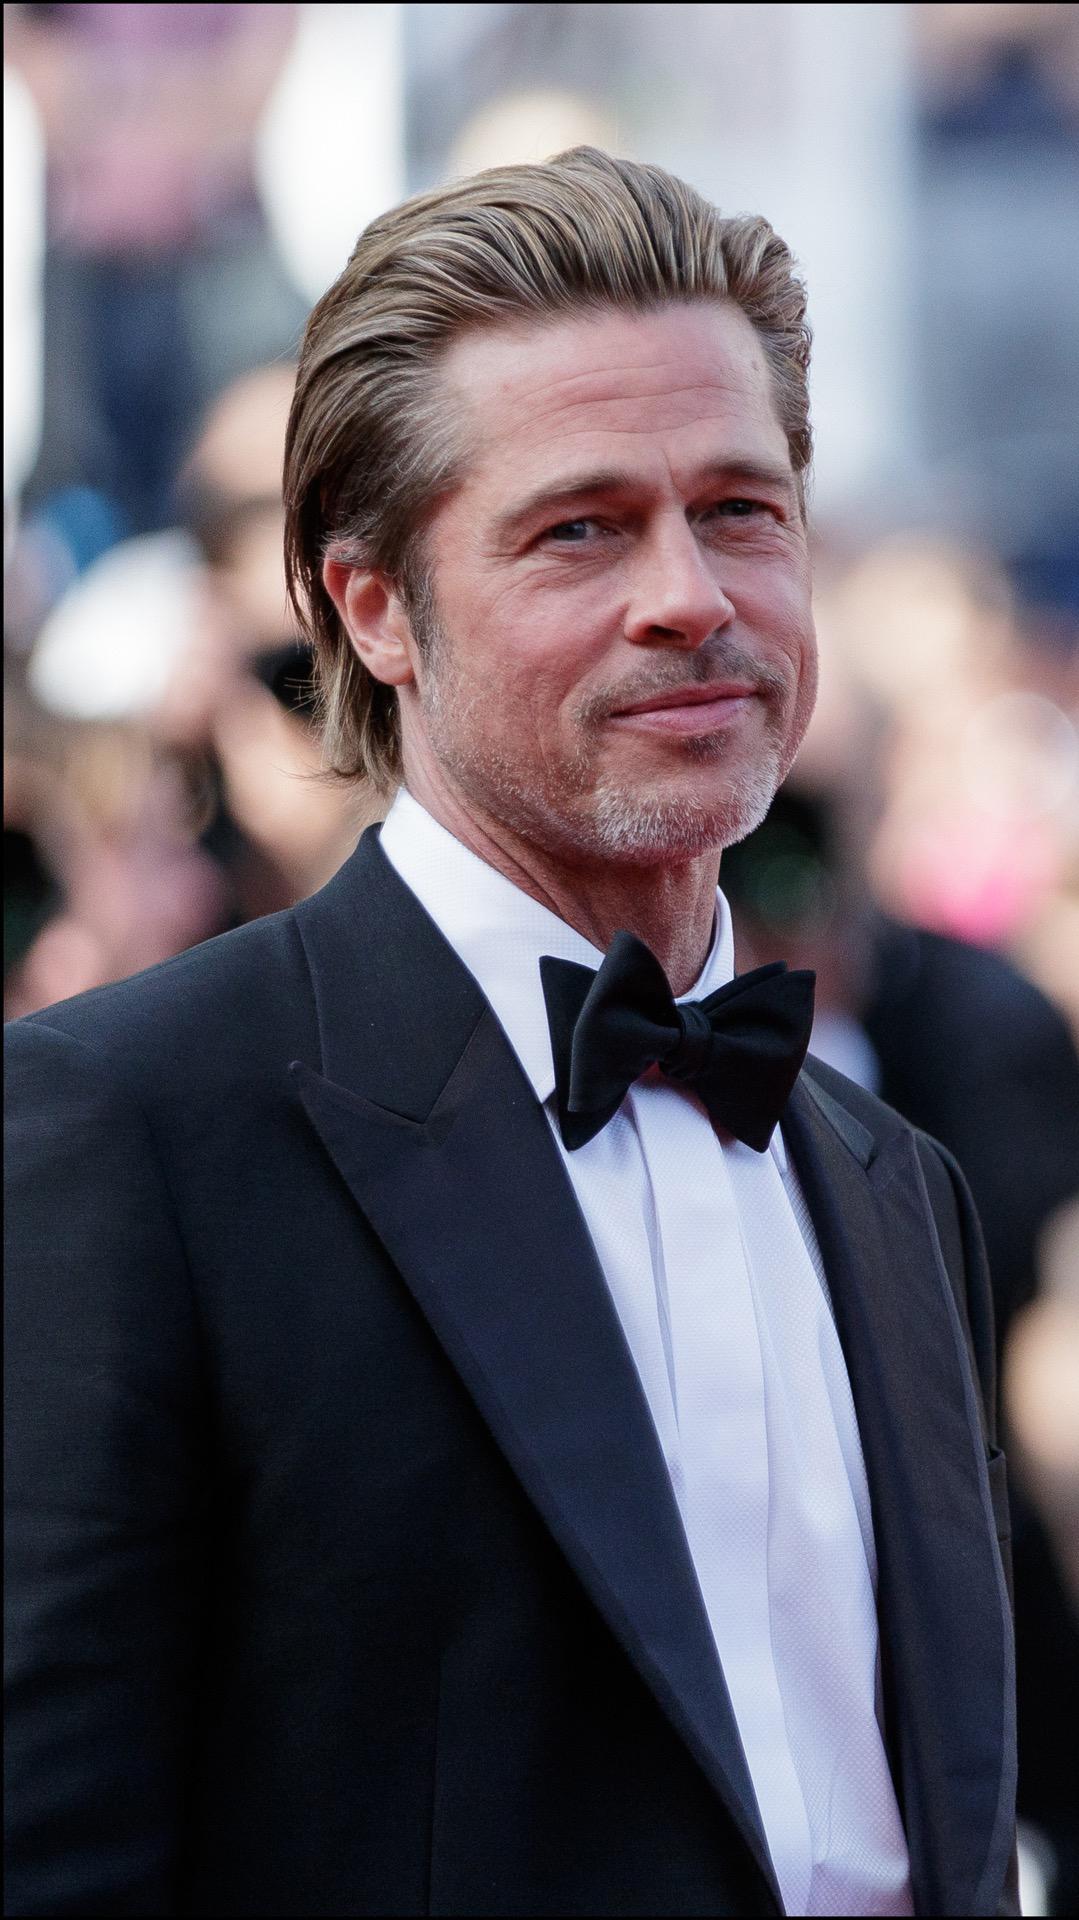 Brad Pitt cumplió 55 años y está más lindo que nunca.